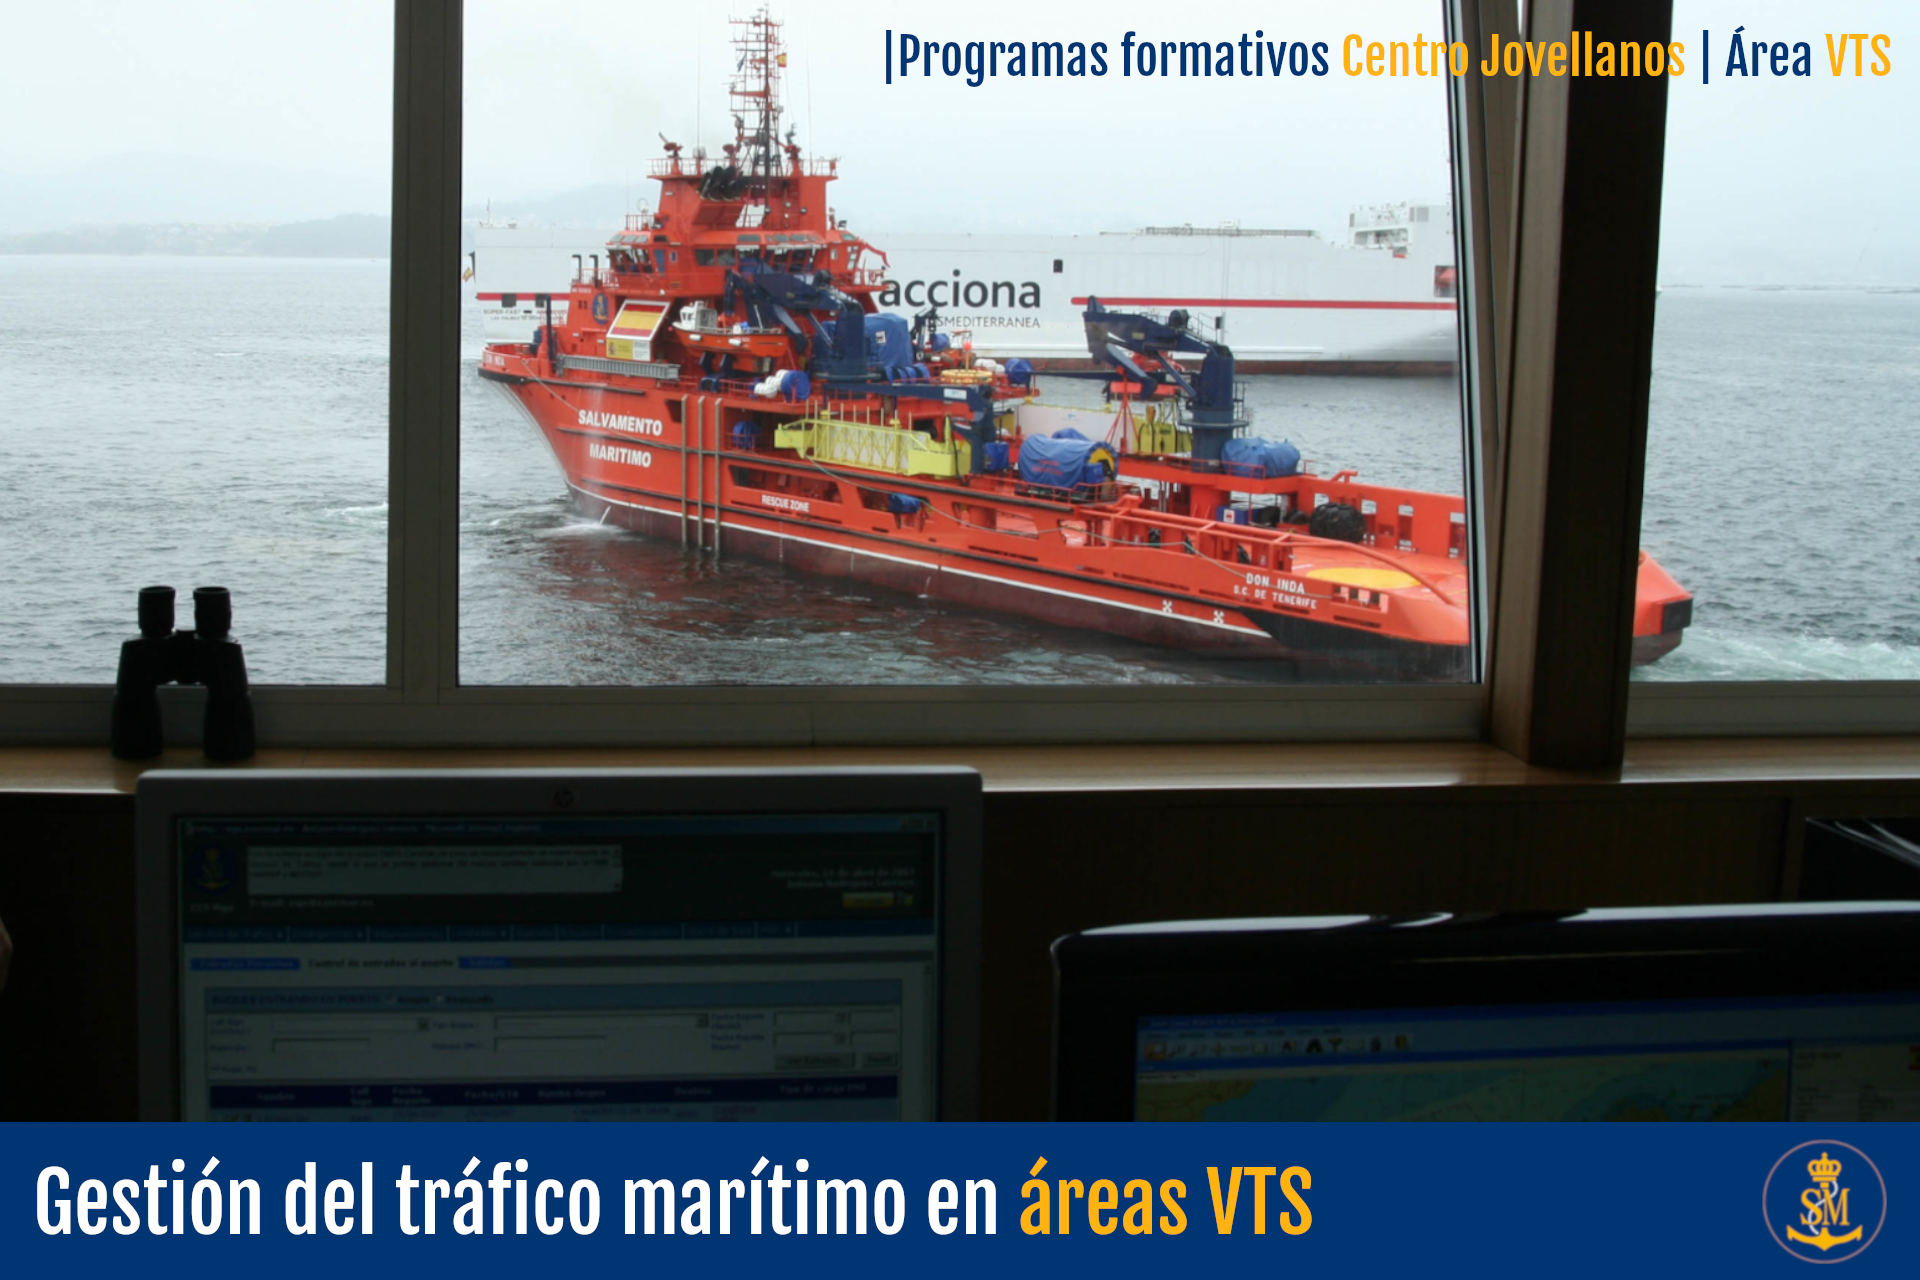 Gestión del tráfico marítimo en áreas VTS